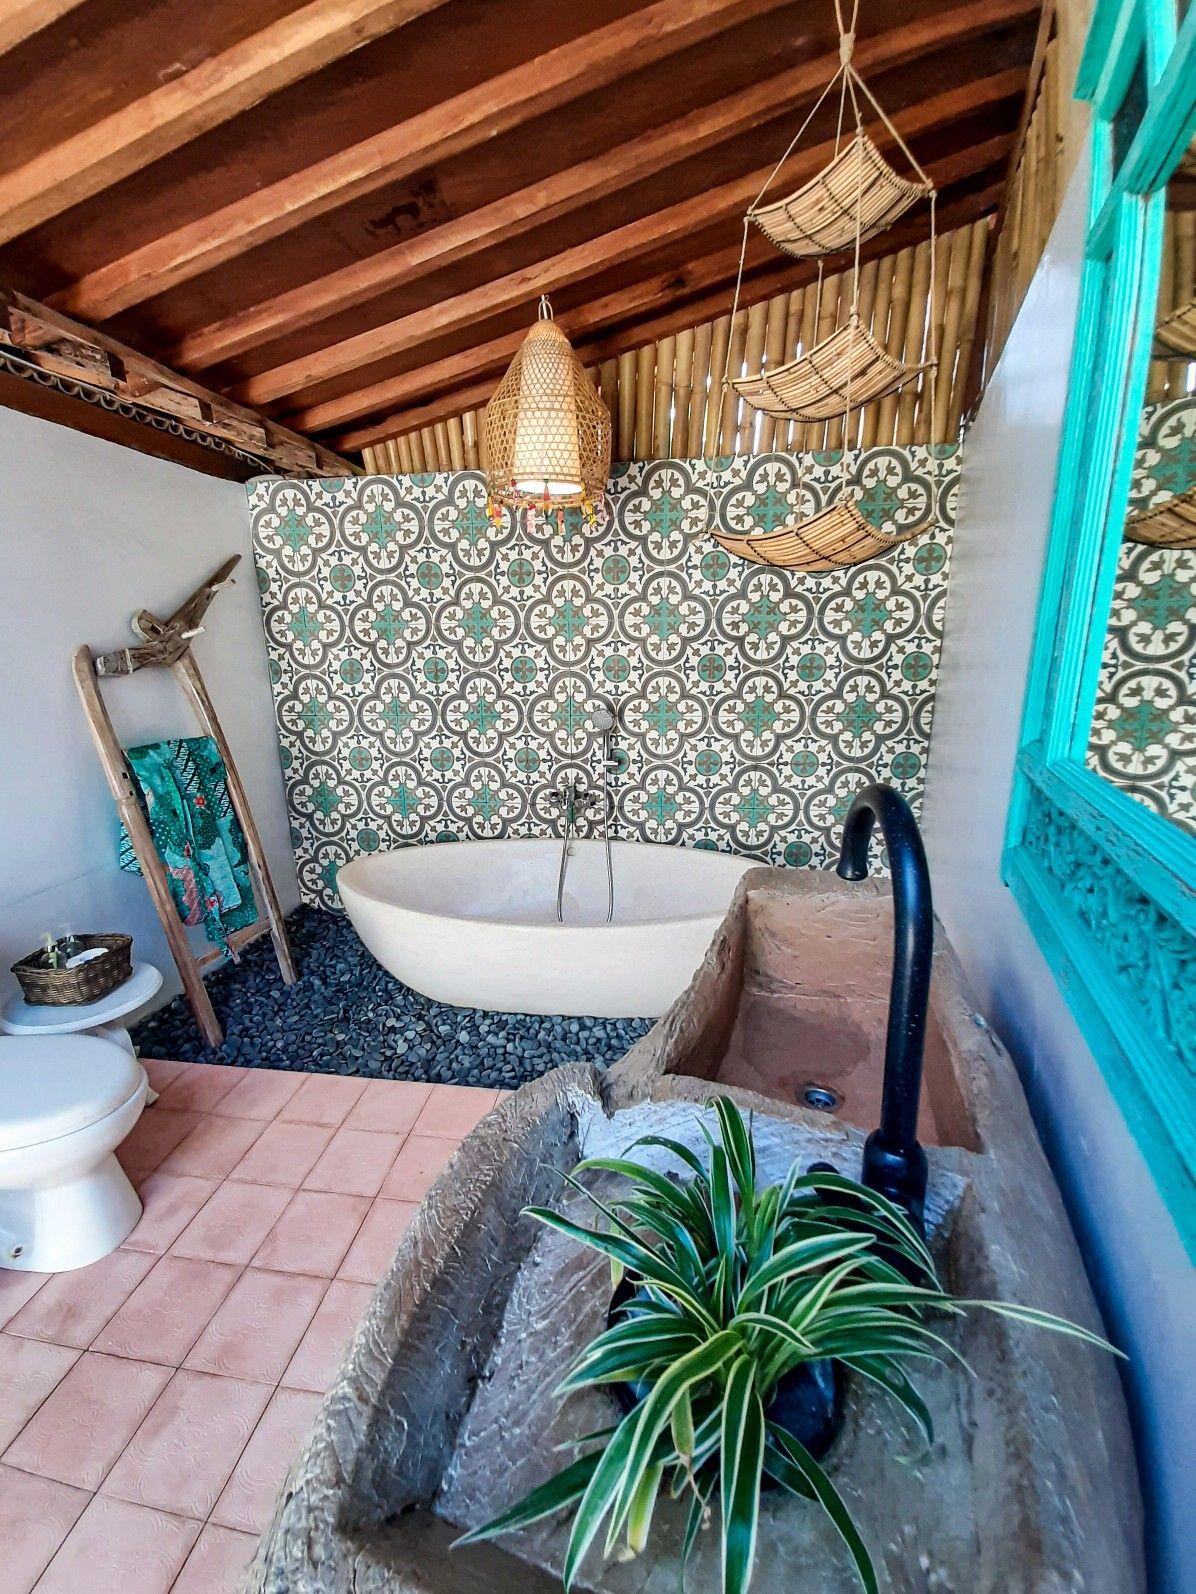 Jb S Deluxe Bungalow Bathroom Design Bungalow Bathroom Bathroom Design Bathroom Renovation